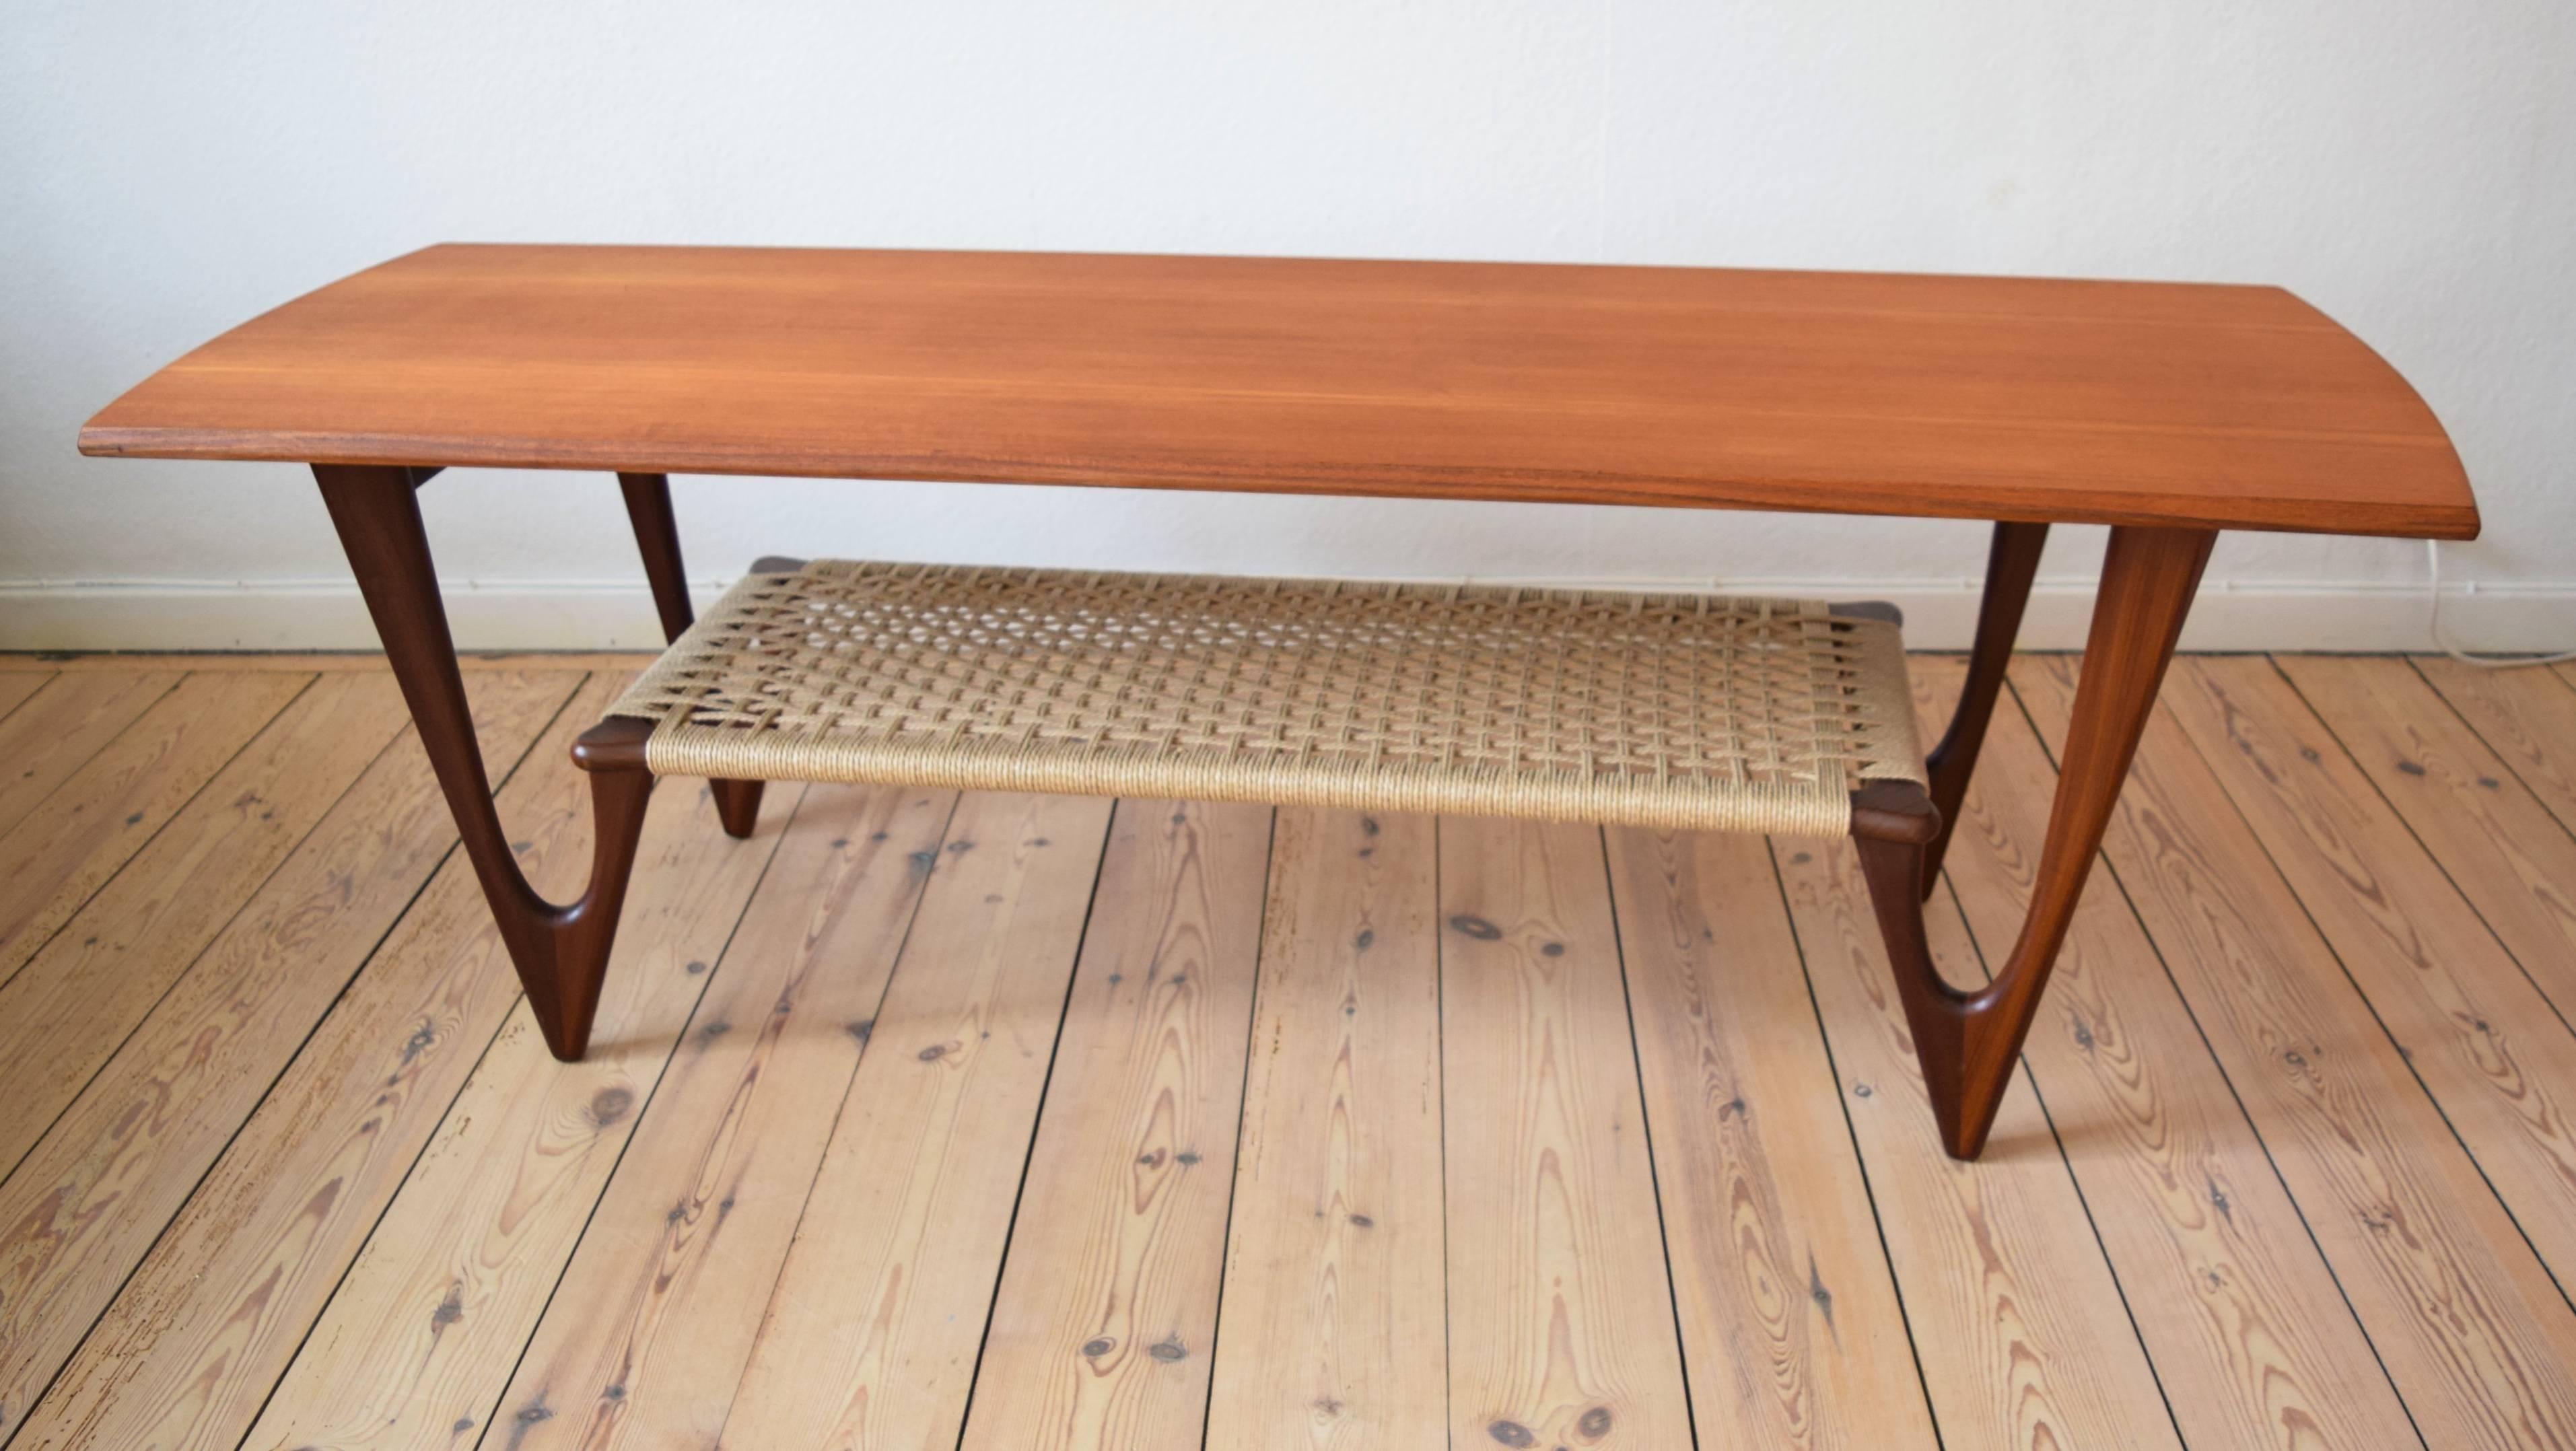 Danish Midcentury Atomic Coffee Table by Erik Kierkegaard, 1953 For ...